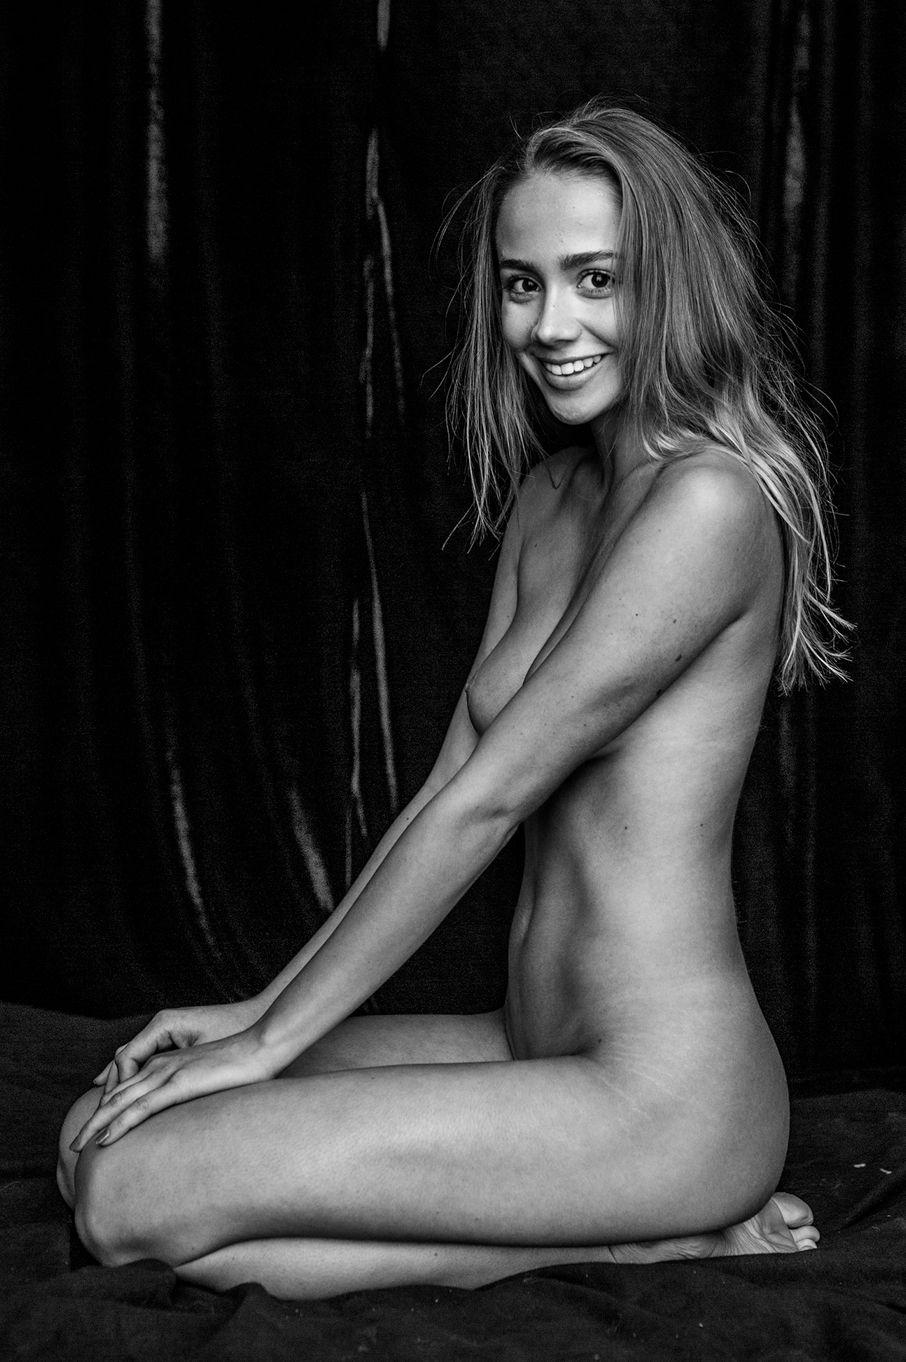 naked (82 photos), Hot Celebrites photo